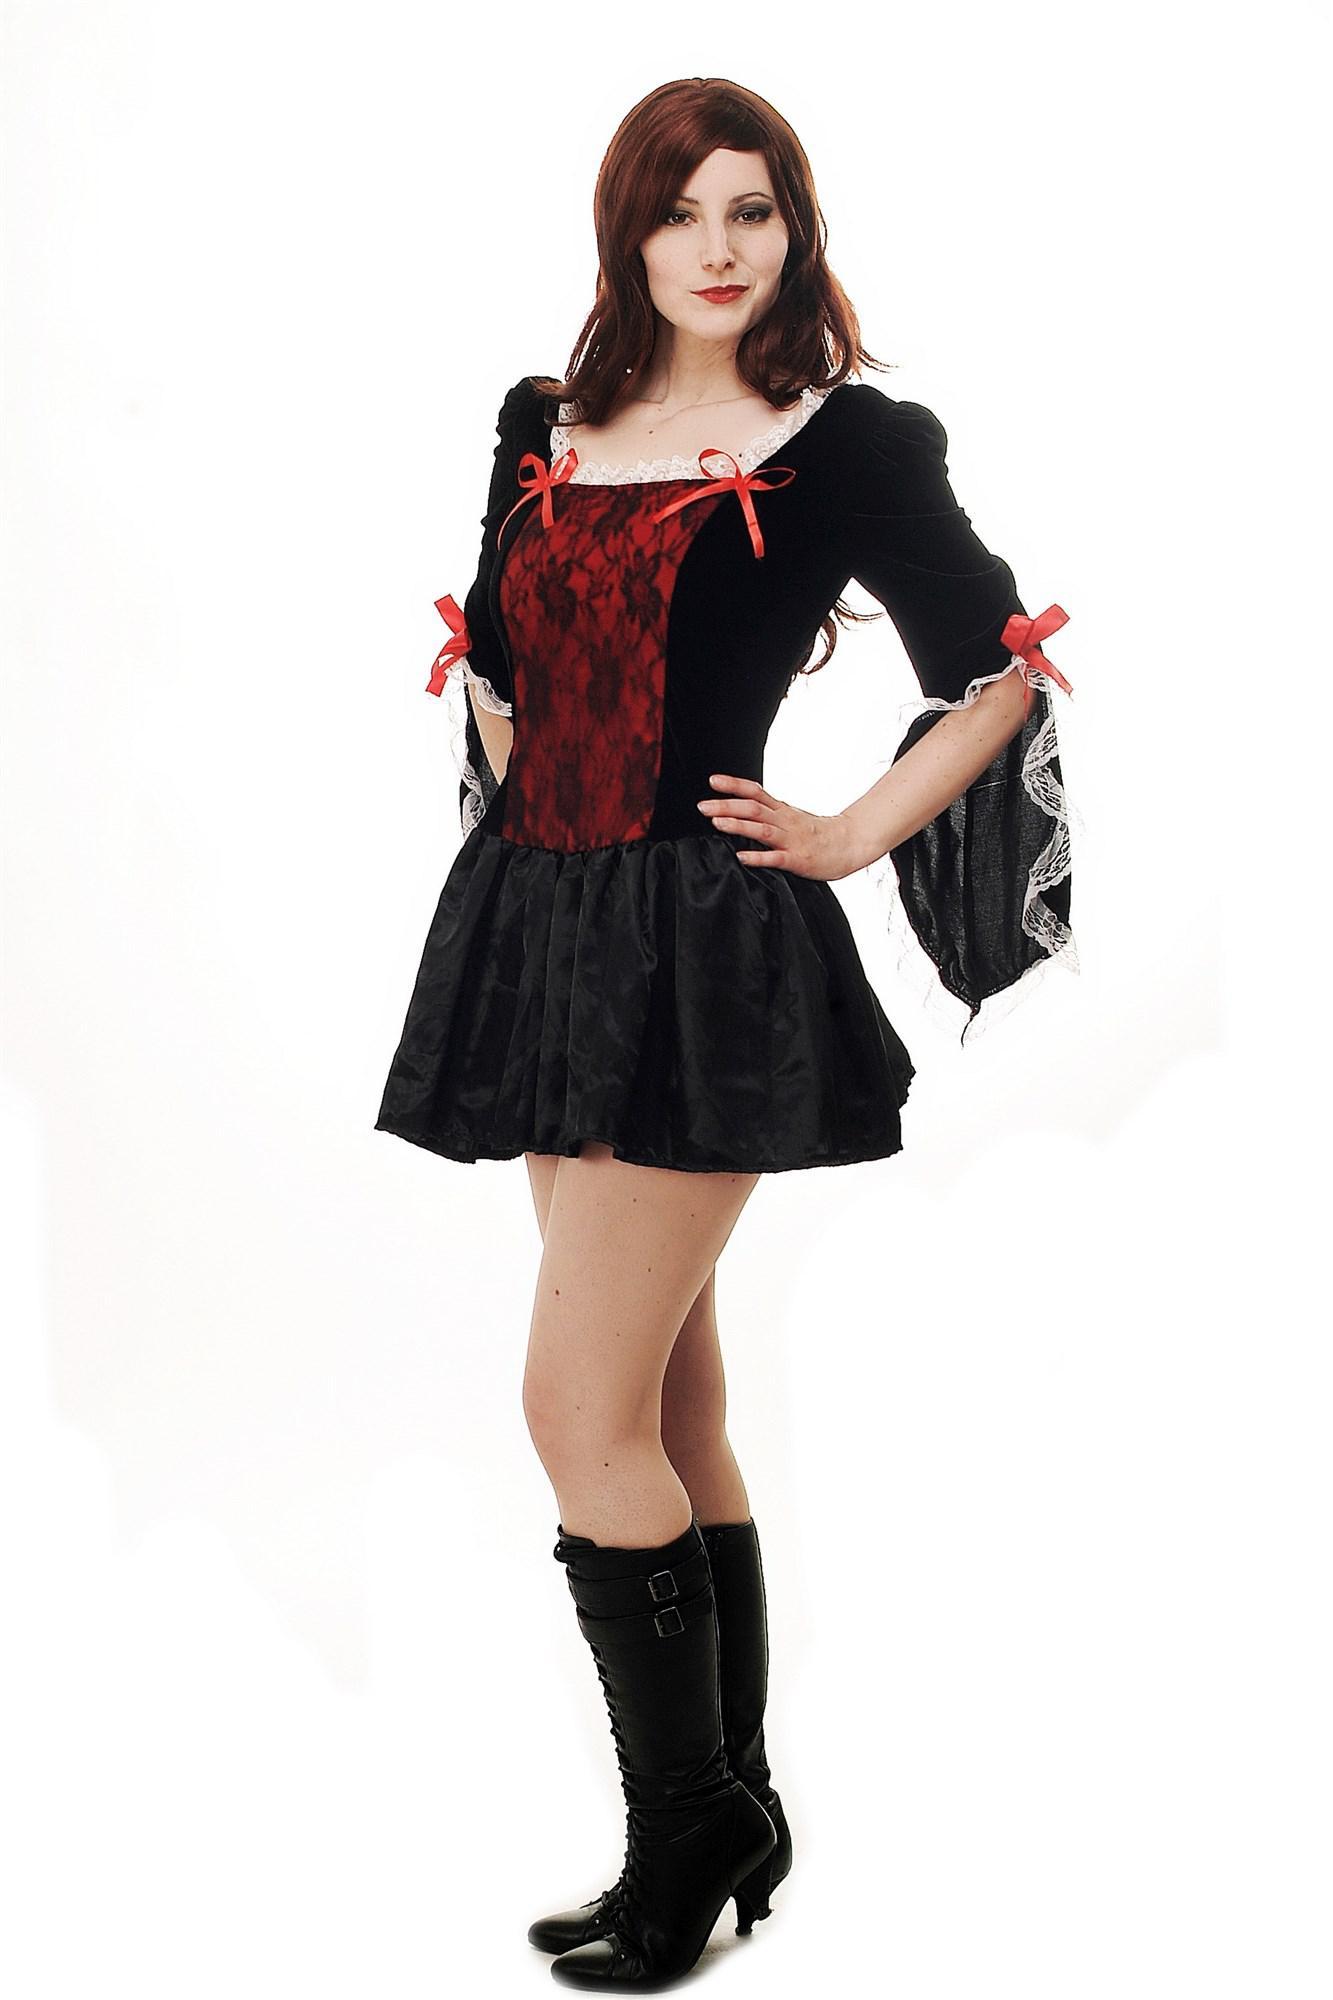 kost m damen kleid sexy barock gothic cosplay m rchen piratin french maid l070 kaufen bei vk. Black Bedroom Furniture Sets. Home Design Ideas